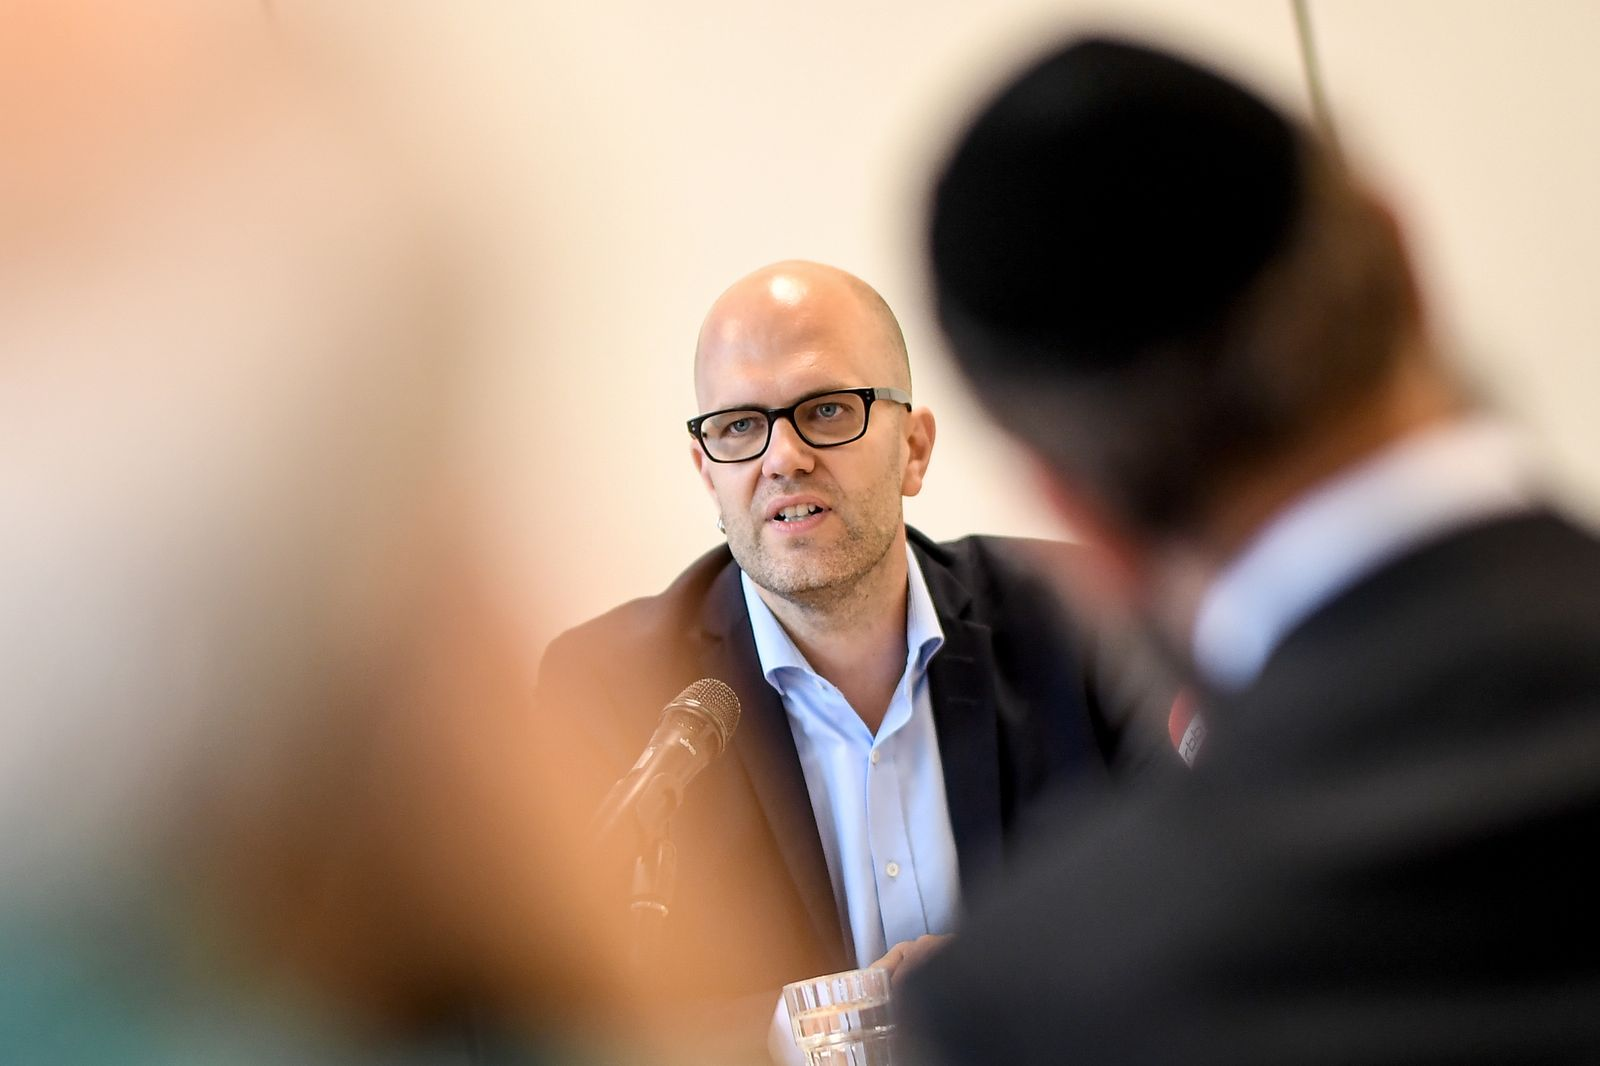 Vorstellung neuer Ansprechpartner zu Antisemitismus